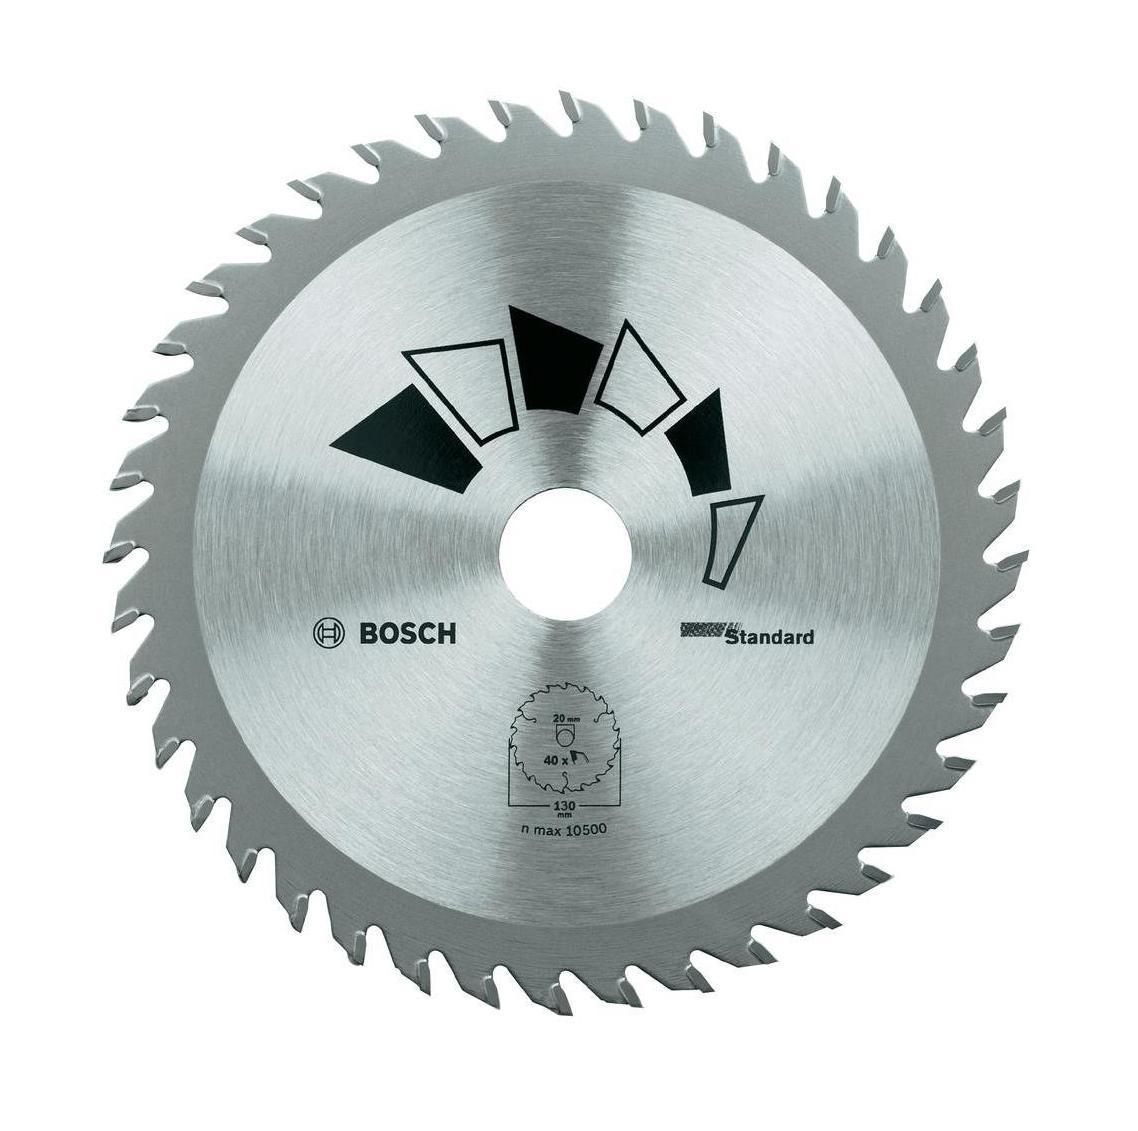 Диск пильный Bosch Standard по дереву, 130 мм2609256802Твердосплавный пильный диск Bosch используется с циркулярными пилами для быстрых/грубых пропилов в твердой и мягкой древесине. Диаметр диска: 13 см; Количество зубьев: 18; Посадочный диаметр: 20/16 мм.